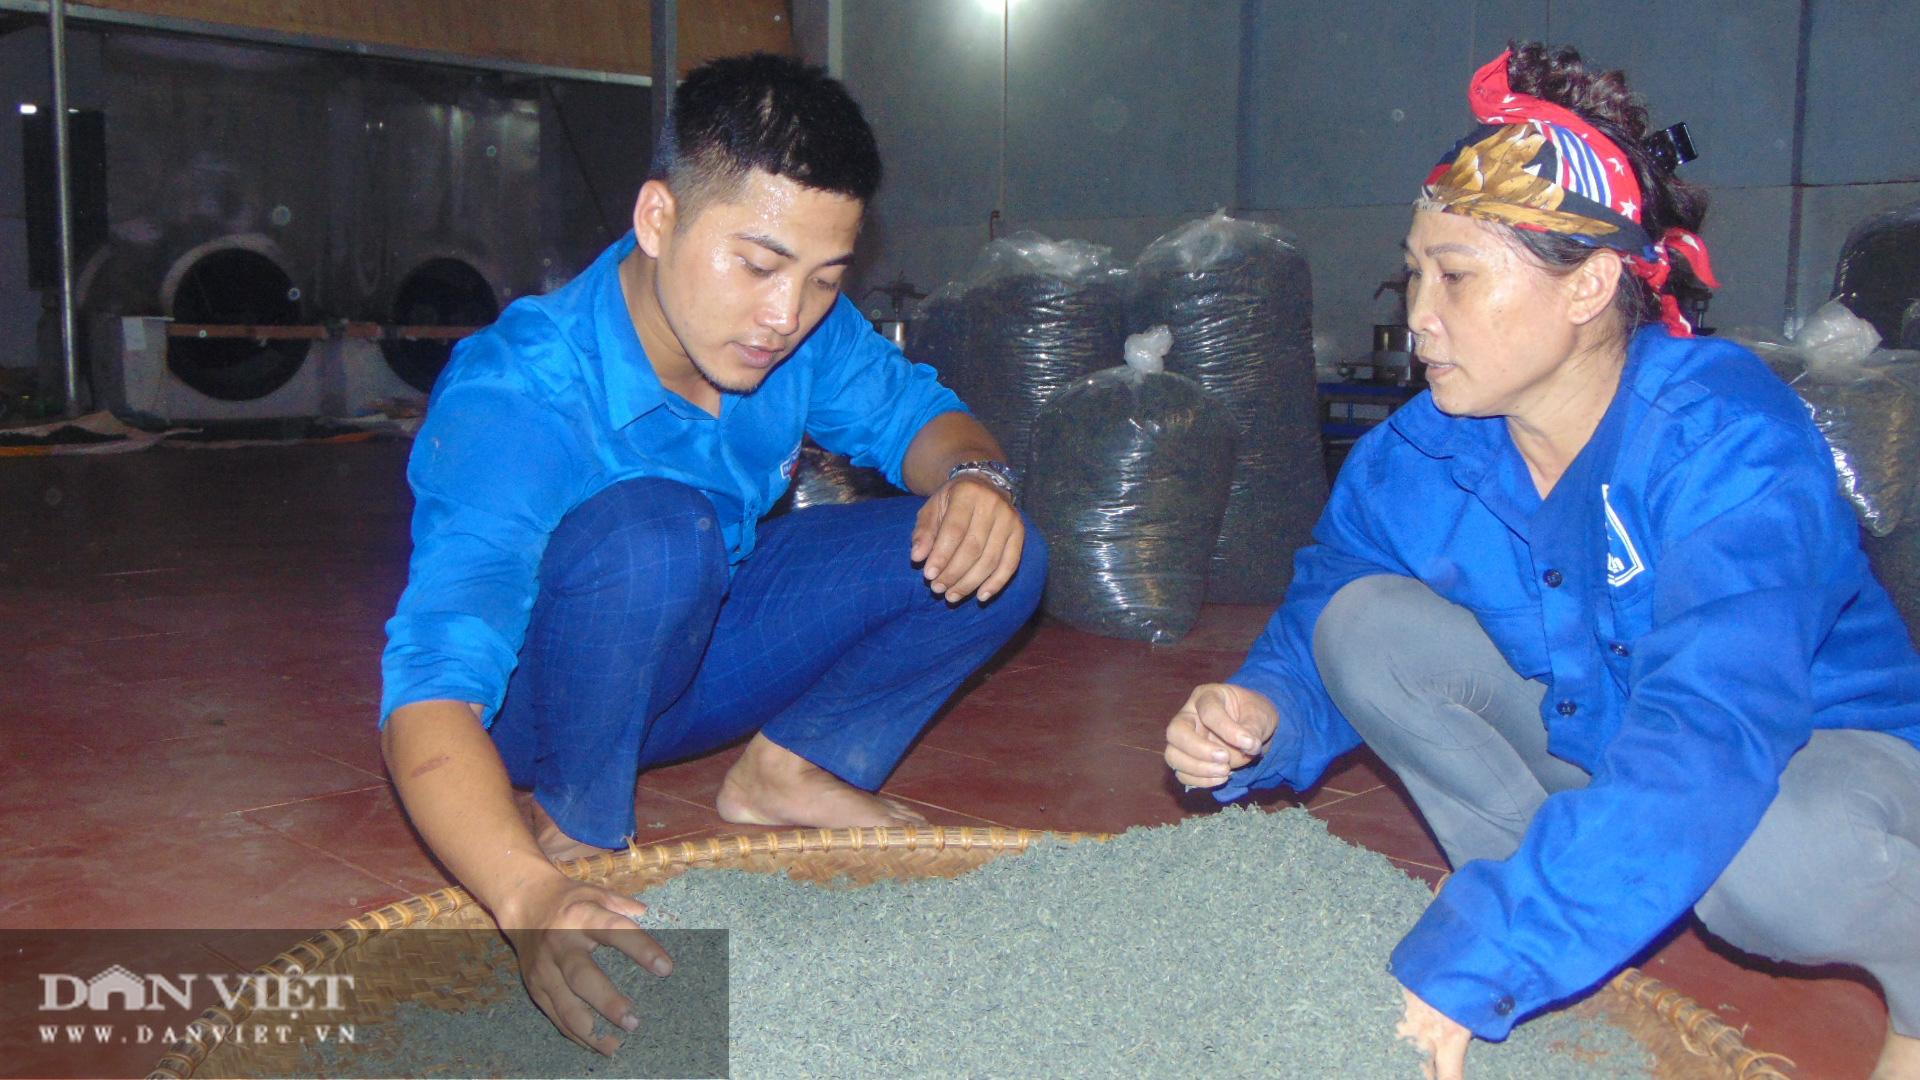 Thanh niên trẻ khởi nghiệp với nghề chè truyền thống  - Ảnh 4.